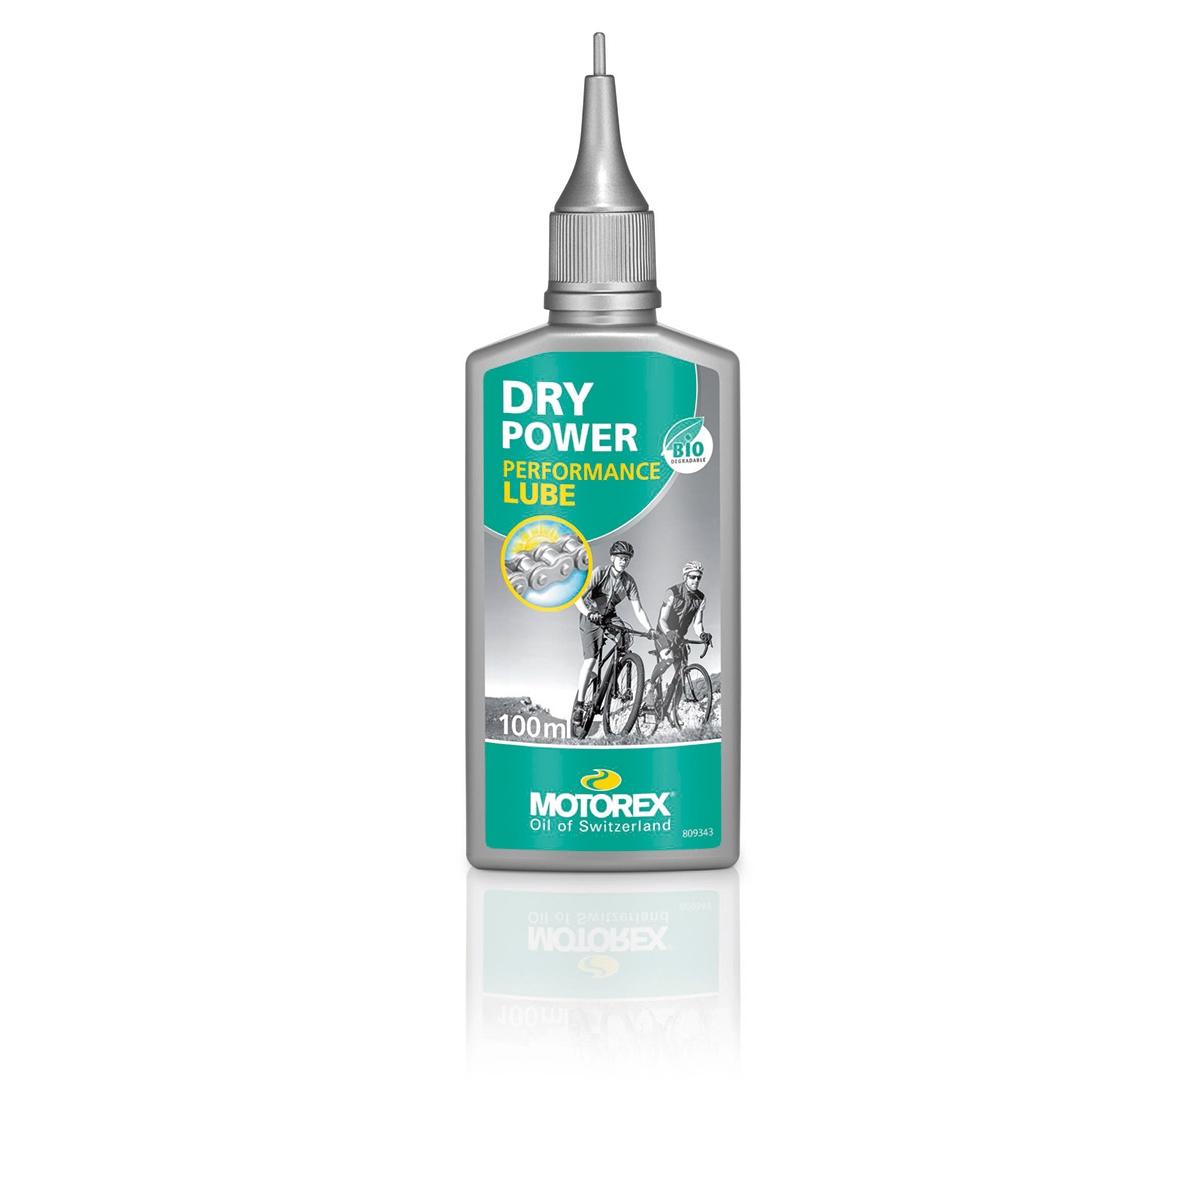 Lubrificante per Condizioni Secche Dry Power Bottiglia 100ml